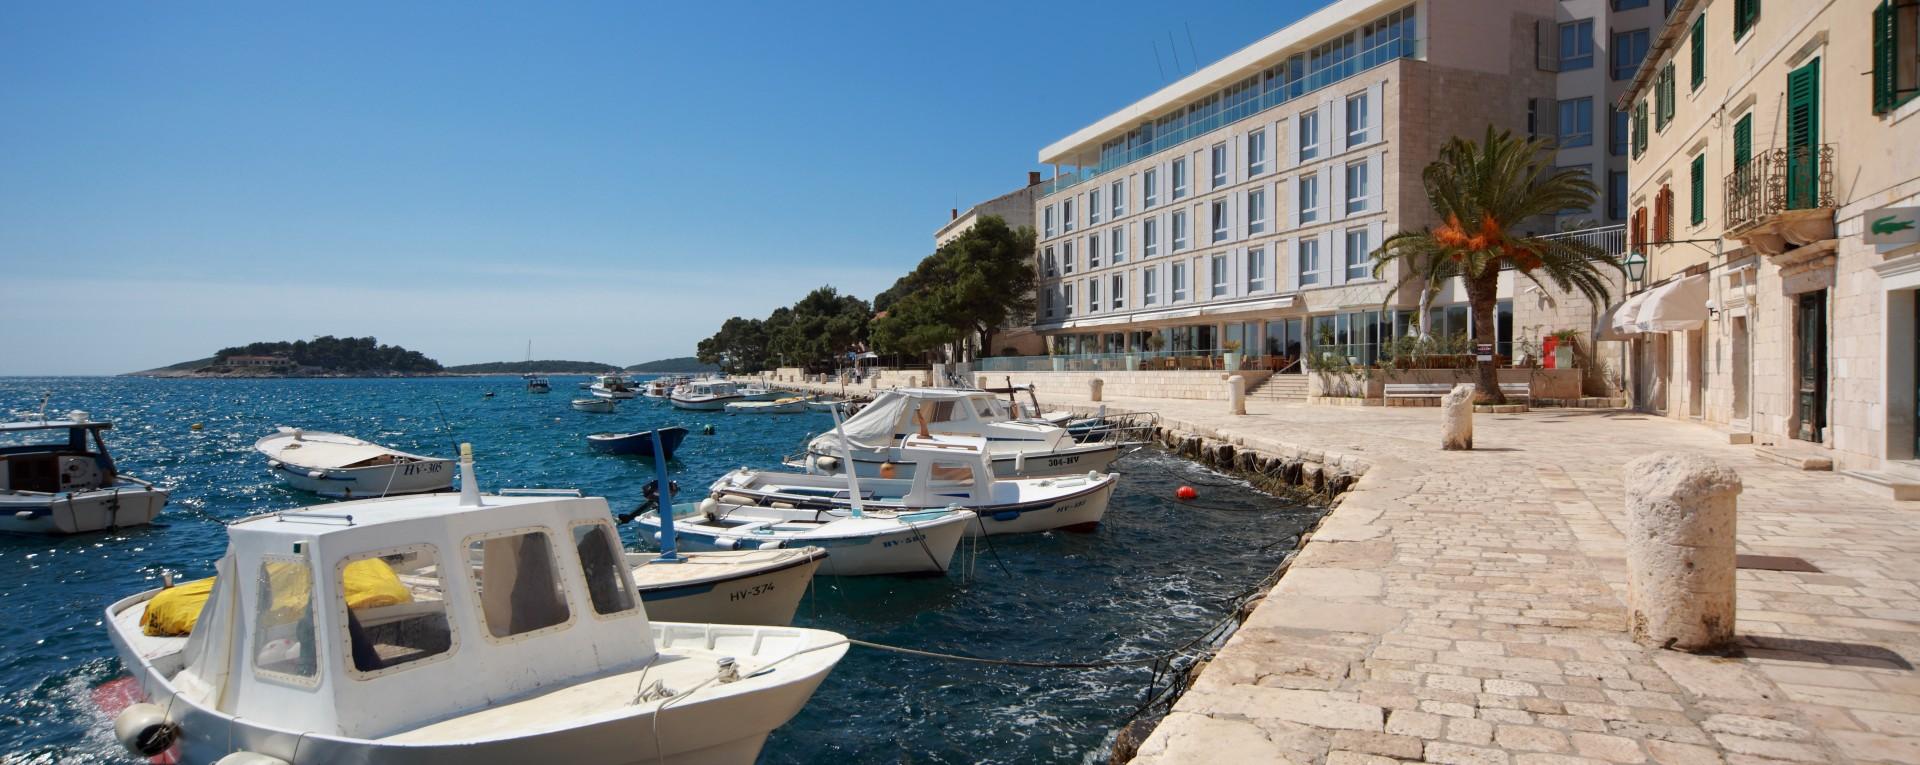 hotel adriana croatia 2018 world 39 s best hotels On luxury short breaks europe